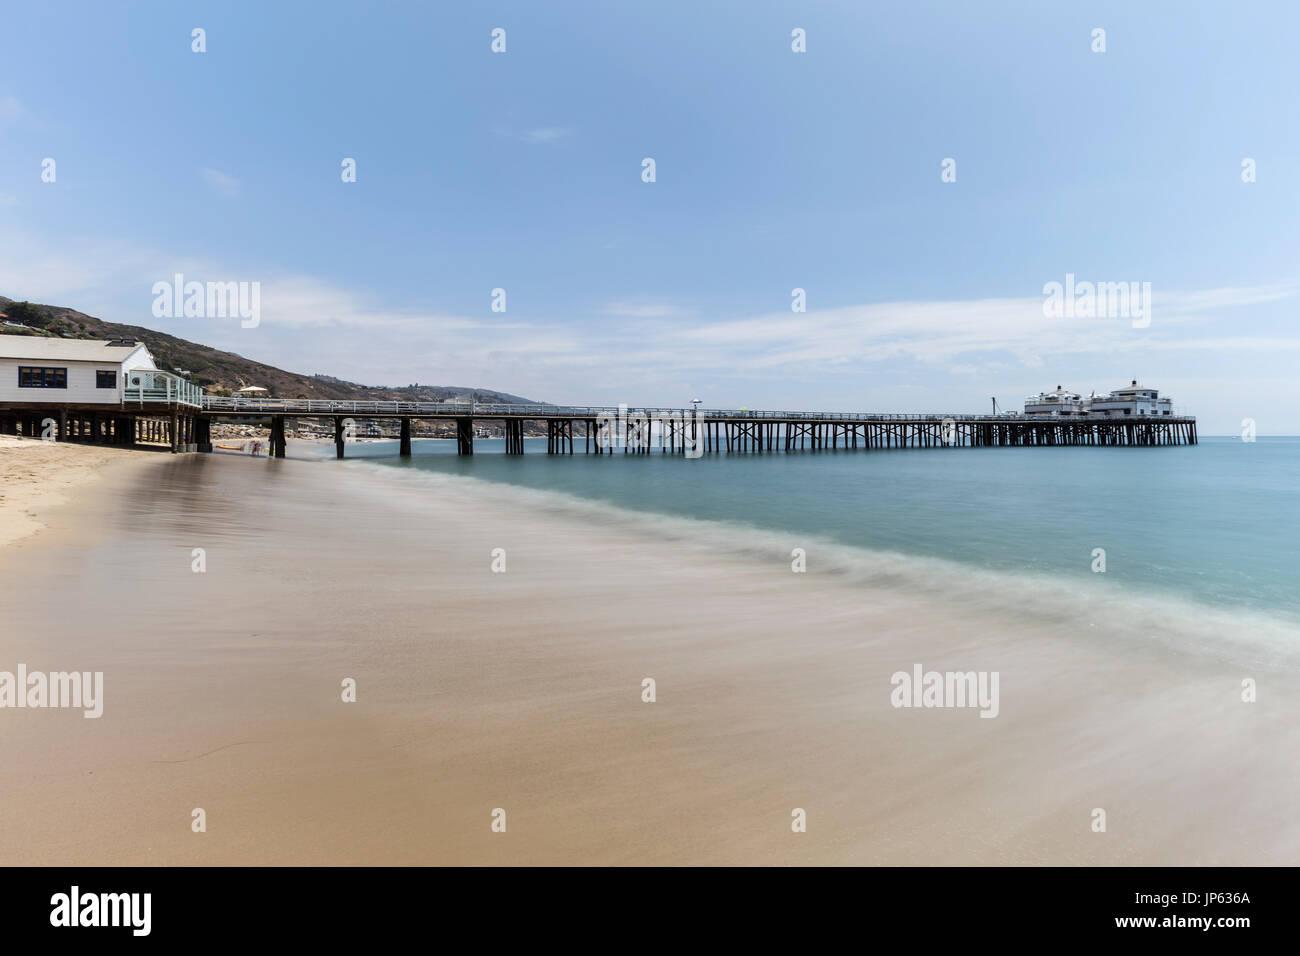 Il molo di Malibu Beach con motion blur oceano pacifico acqua vicino a Los Angeles in California del Sud. Immagini Stock